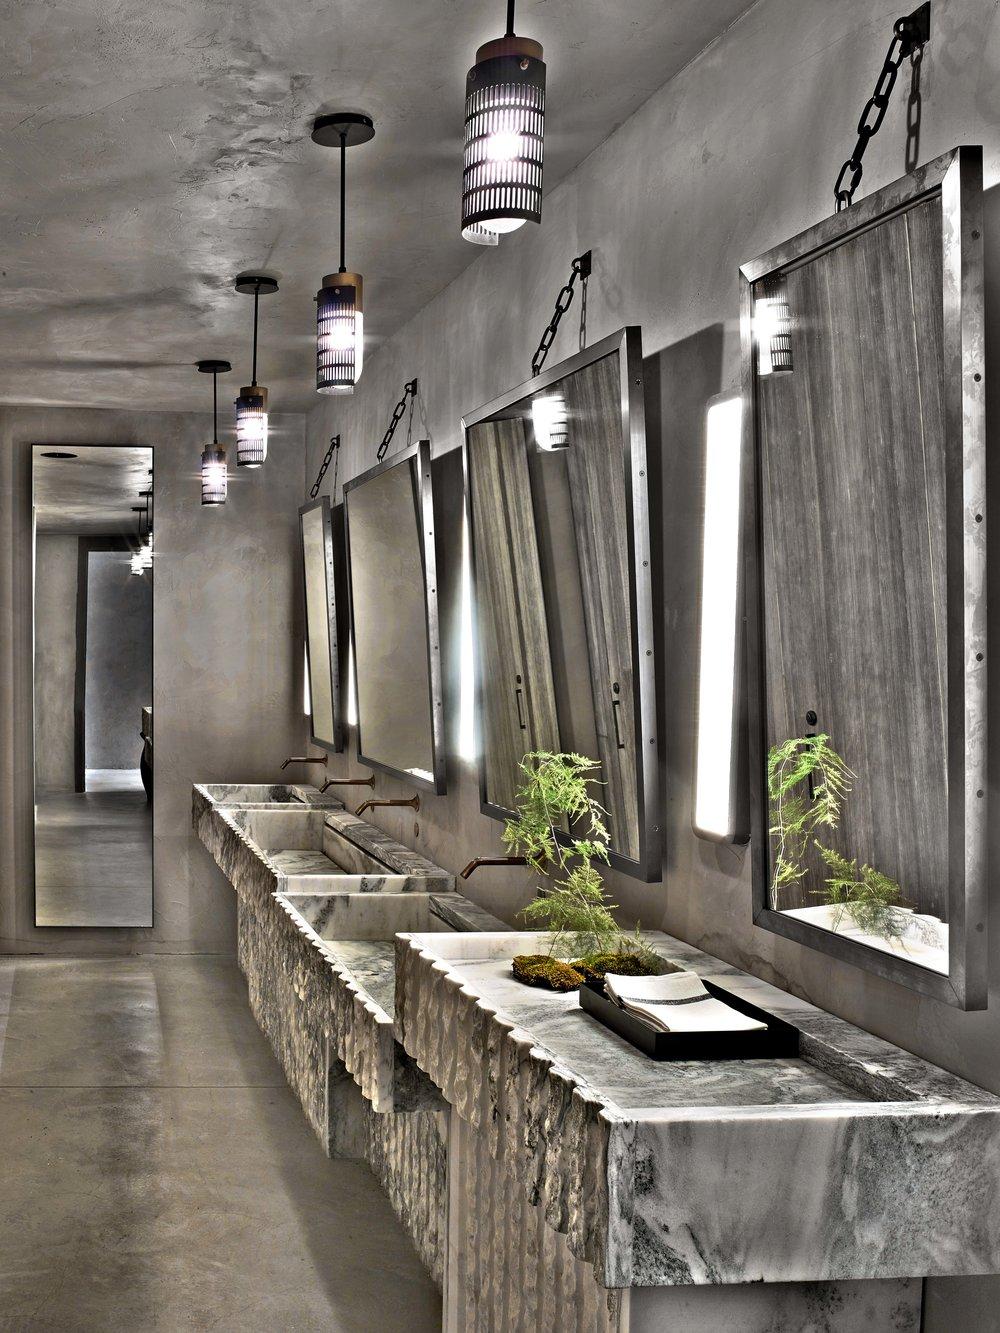 1 Hotel Brooklyn Bridge Public Bathroom Sinks